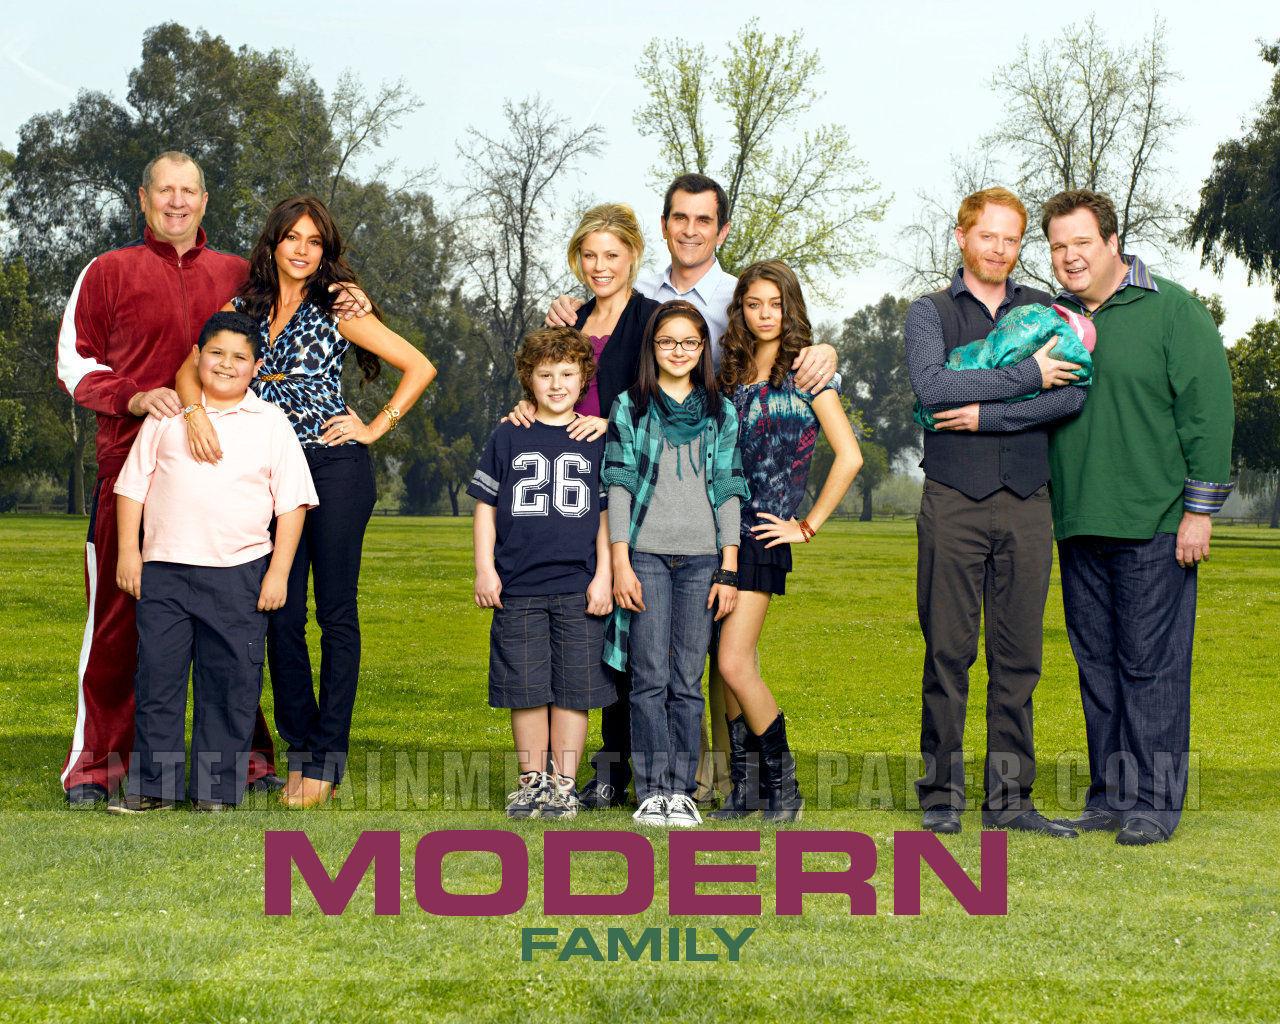 http://3.bp.blogspot.com/-4vdTEopGhA8/UGg9RxkzVeI/AAAAAAAAkBw/9oUXgwpq5BY/s1600/Family-Wallpaper-modern.jpg